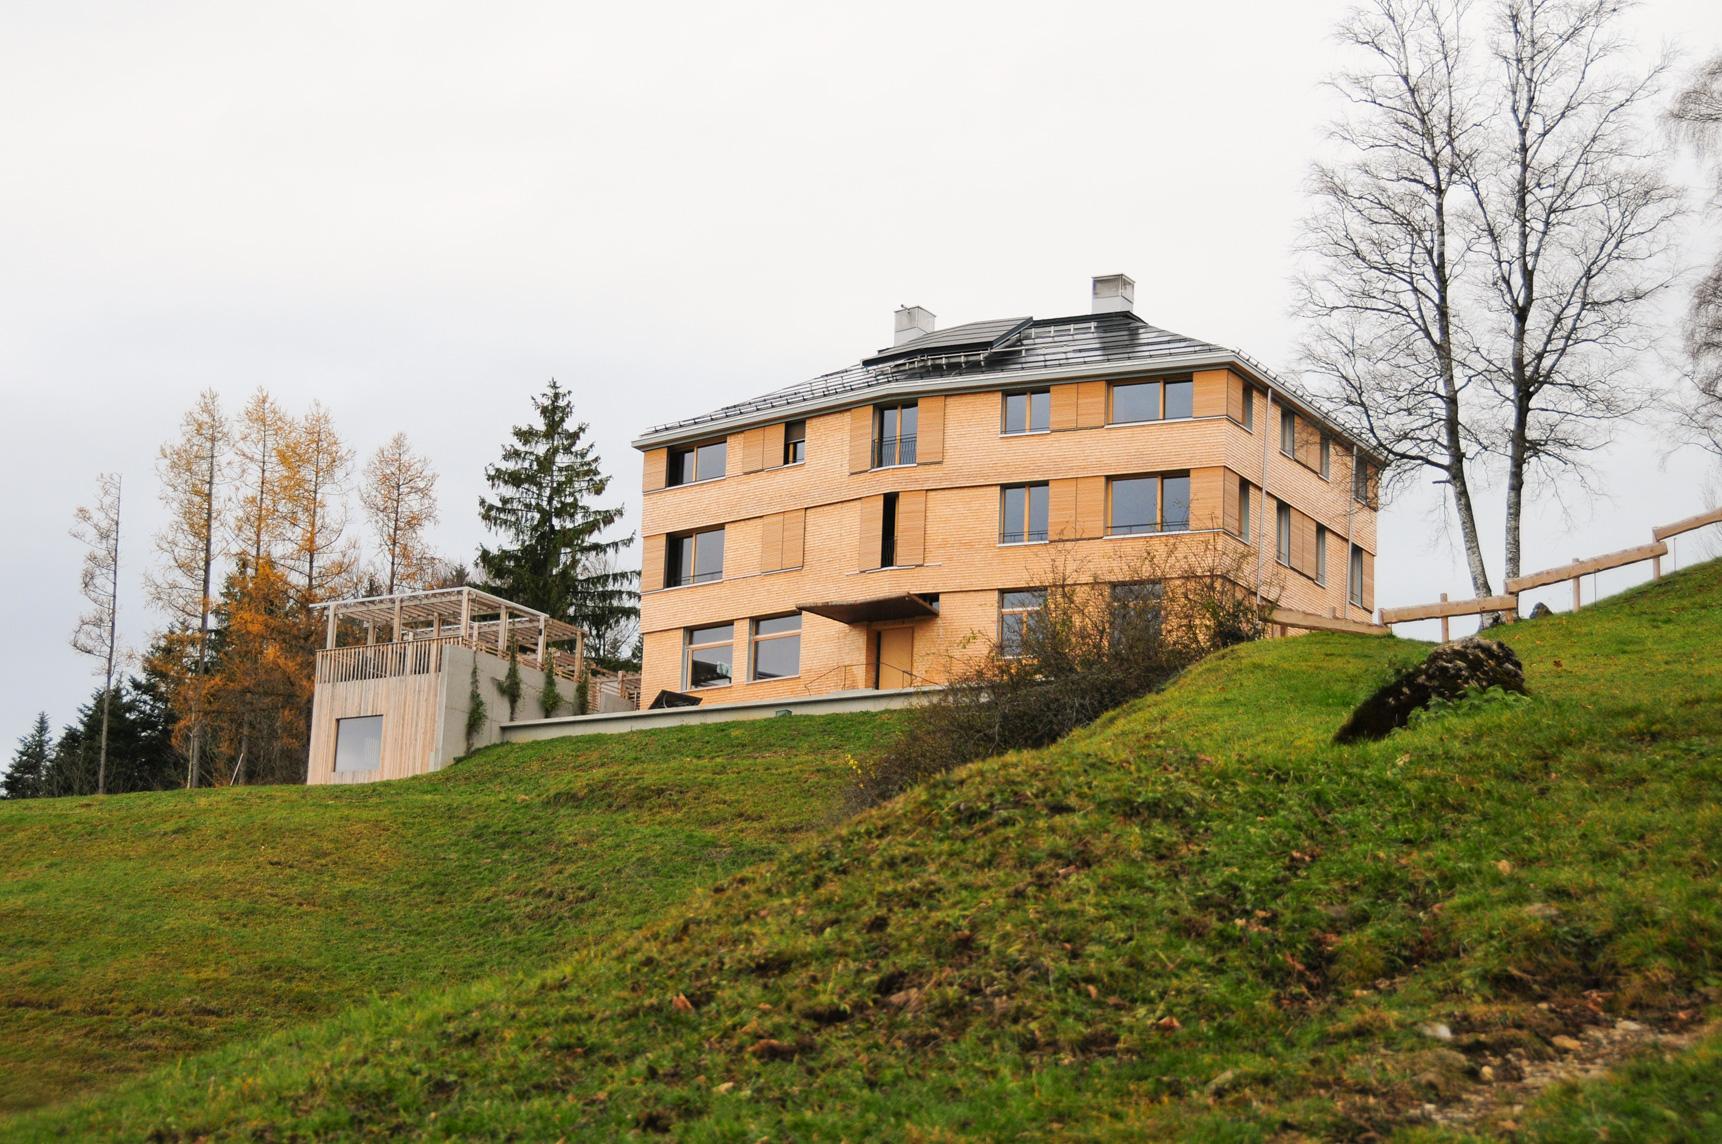 Wunderschönes Schulhaus auf dem Katzenstrick in Einsiedeln im Kanton Schwyz